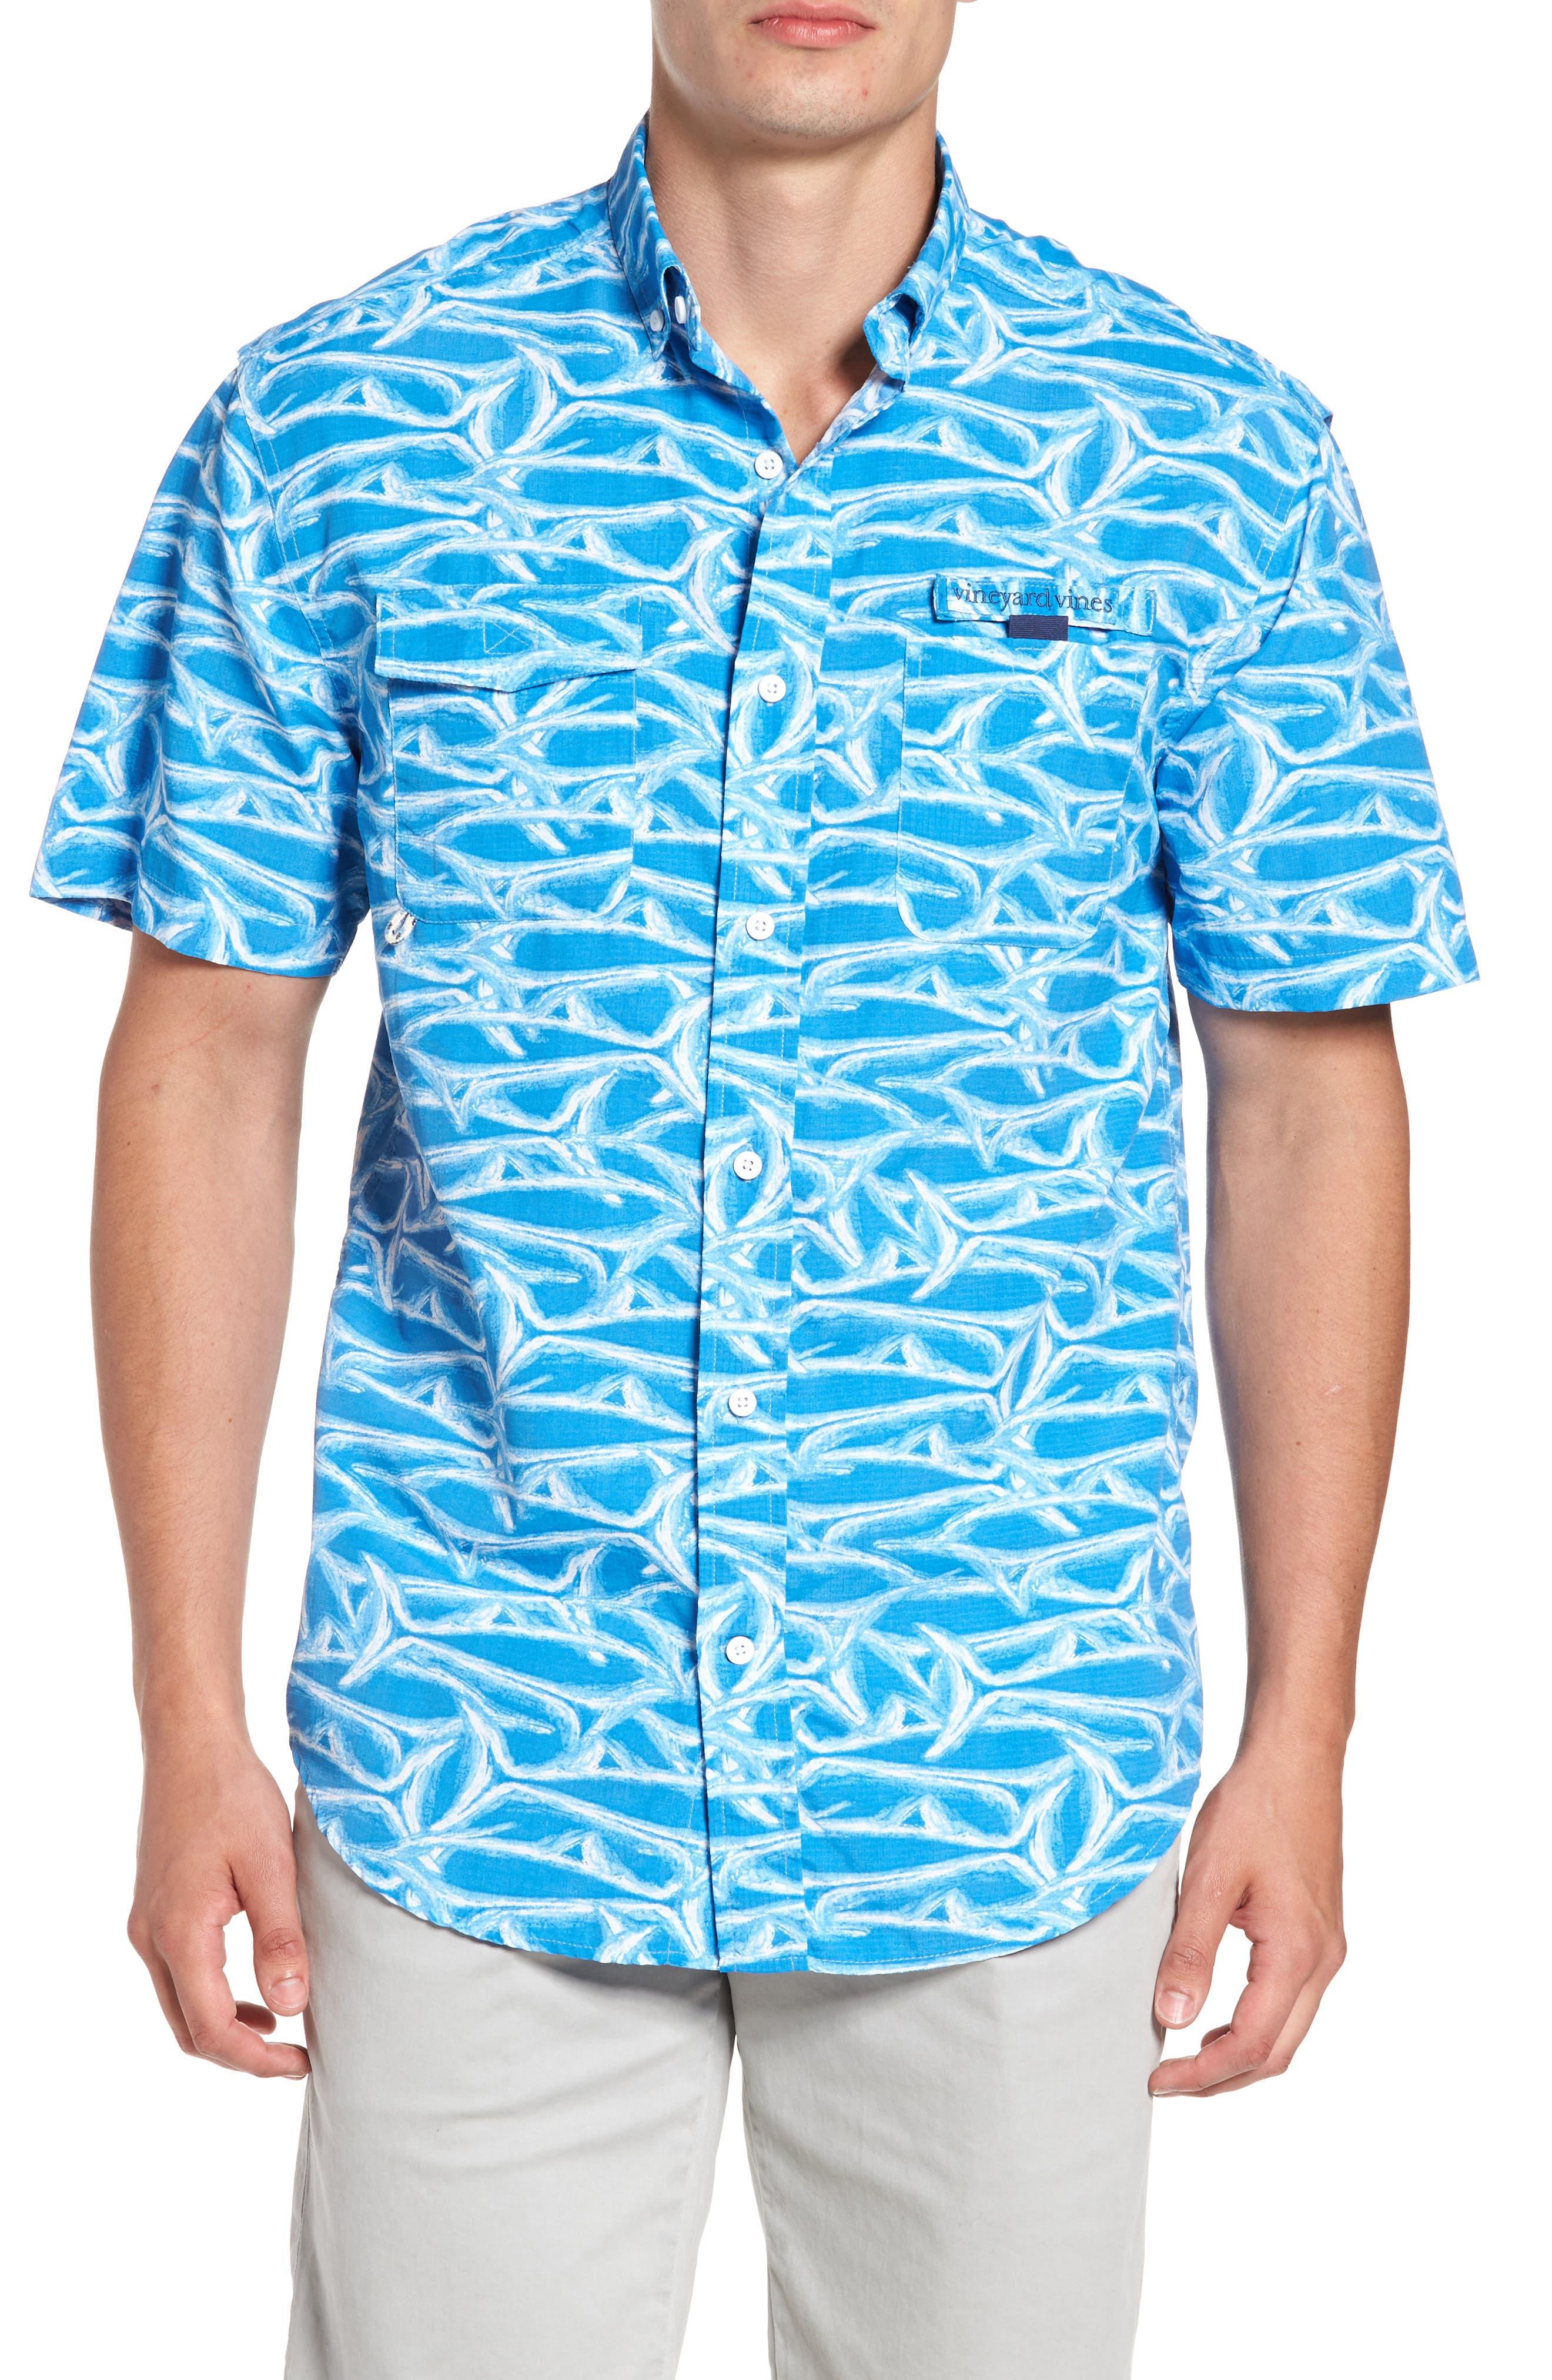 Harbor Brushed Marlin Fishing Shirt,                         Main,                         color, 496